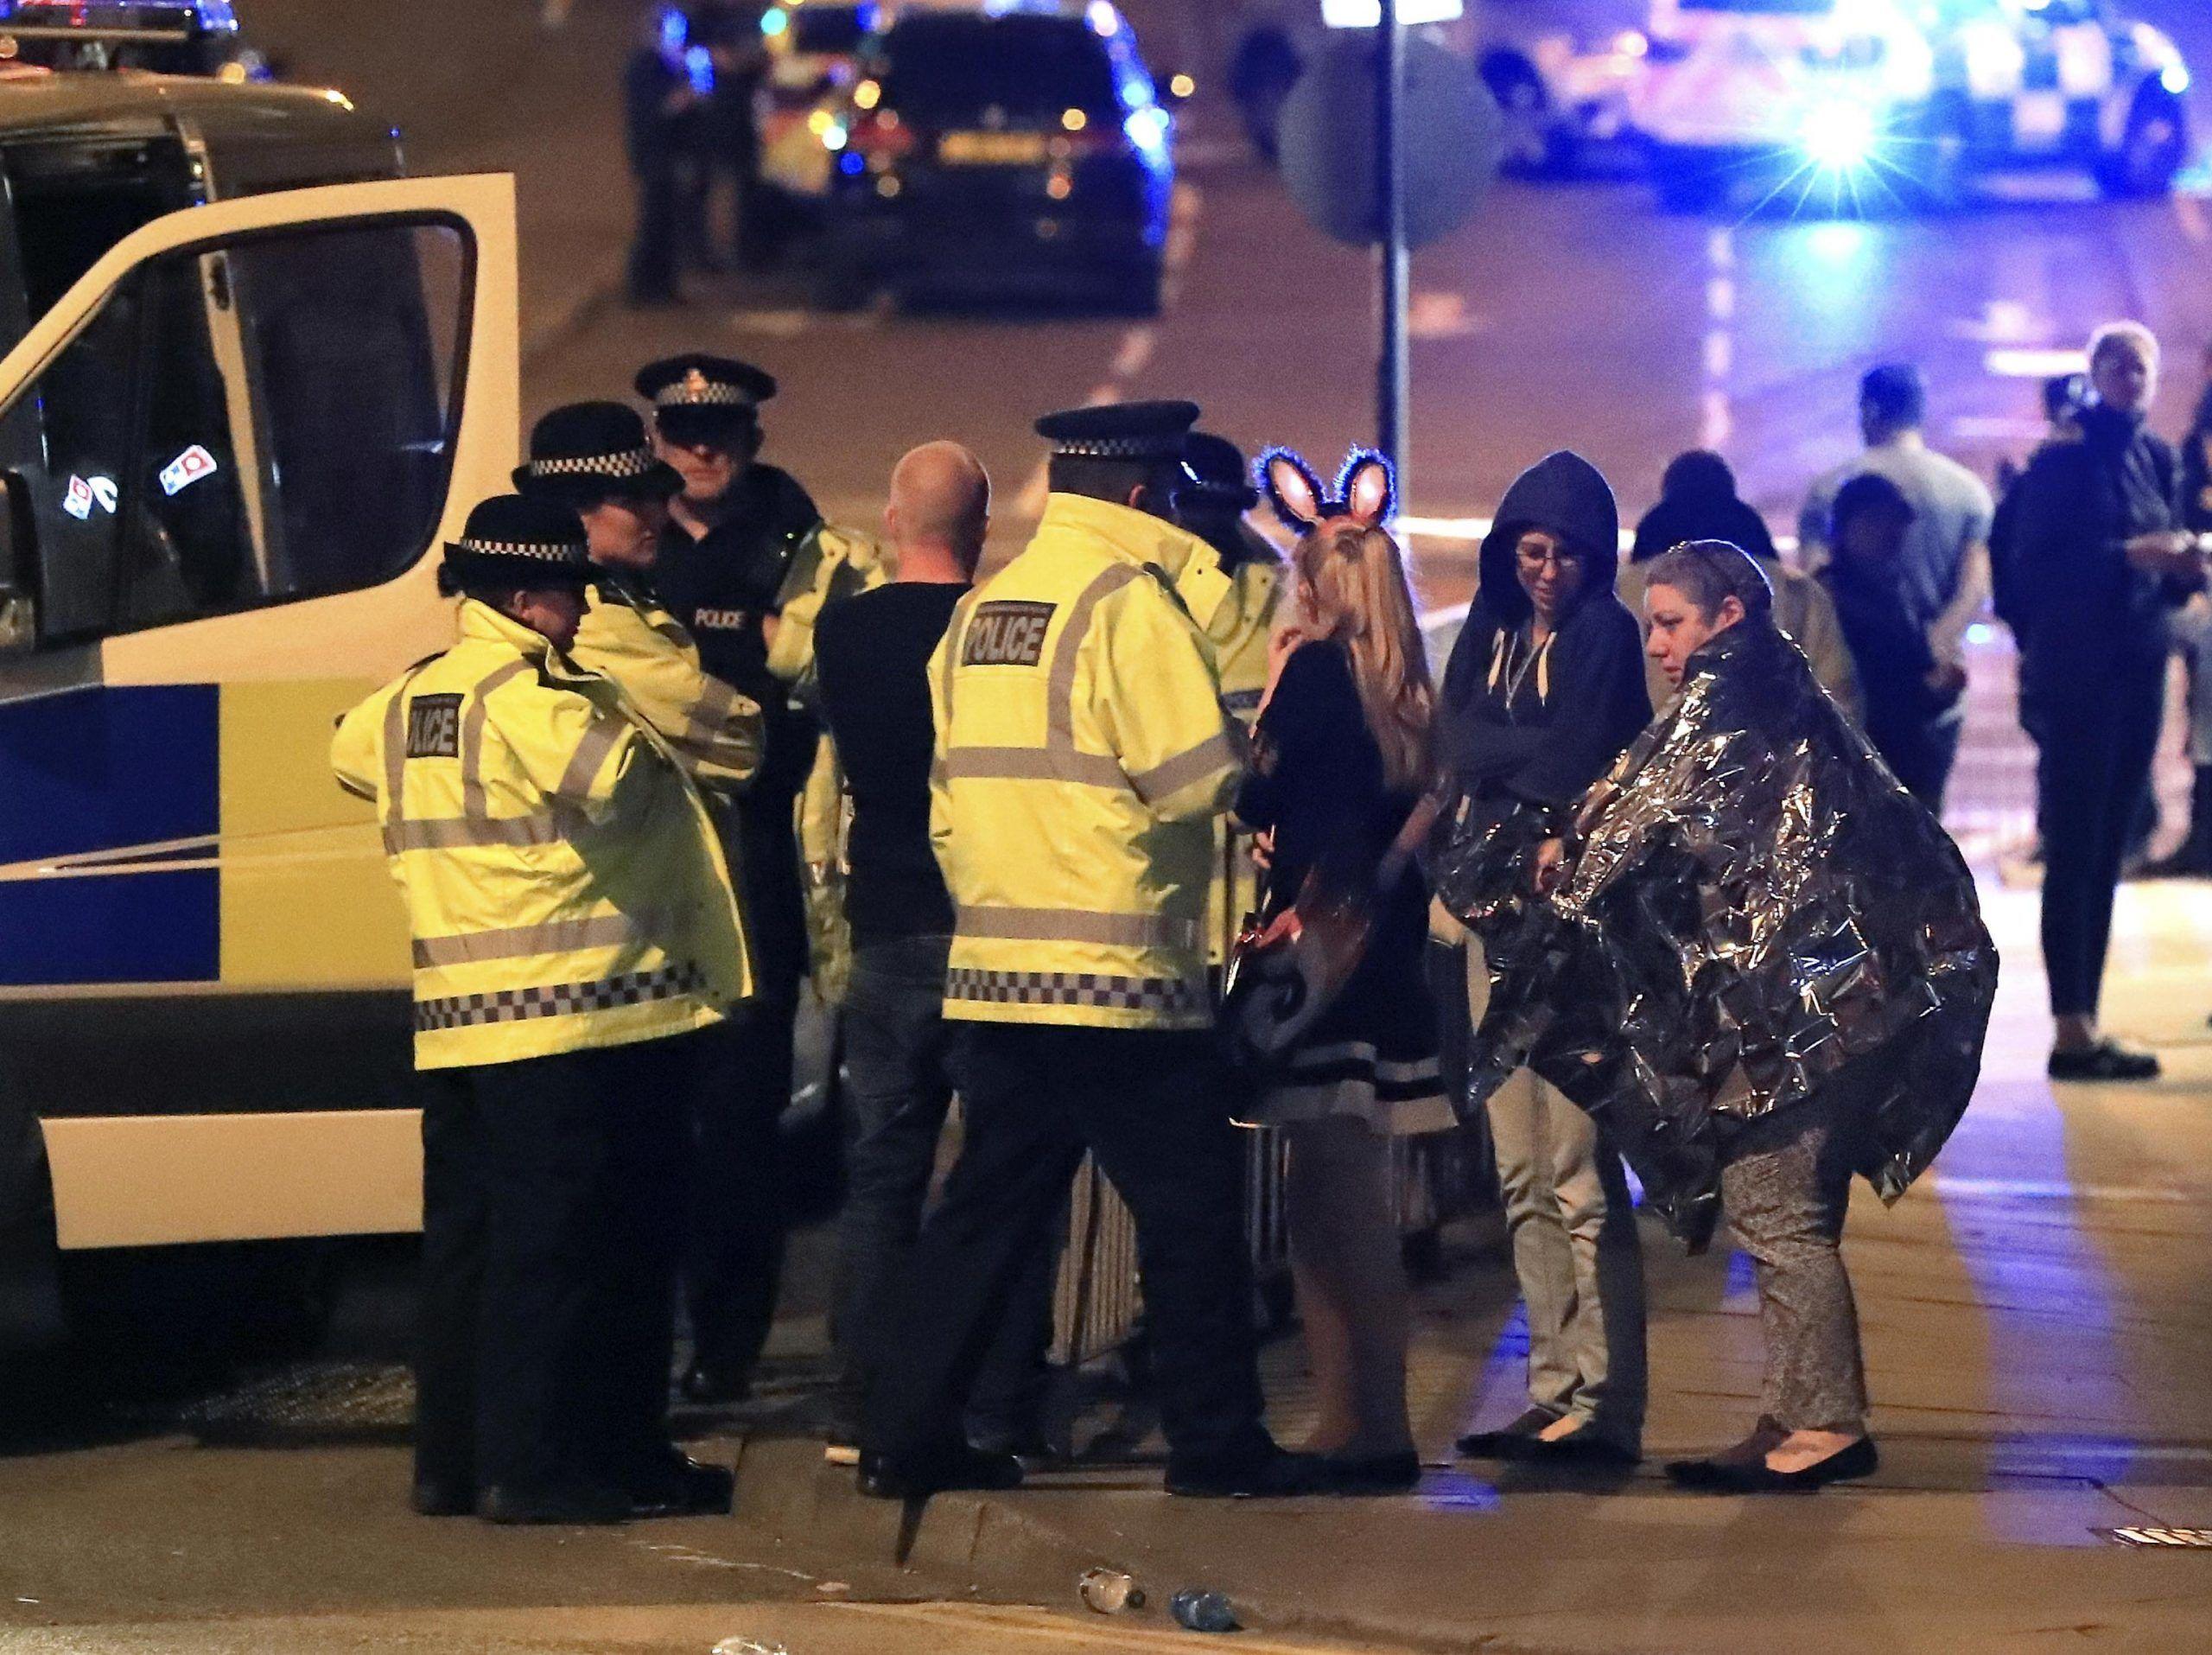 Attentato Manchester Arena: gli appelli più commoventi dei familiari dei dispersi